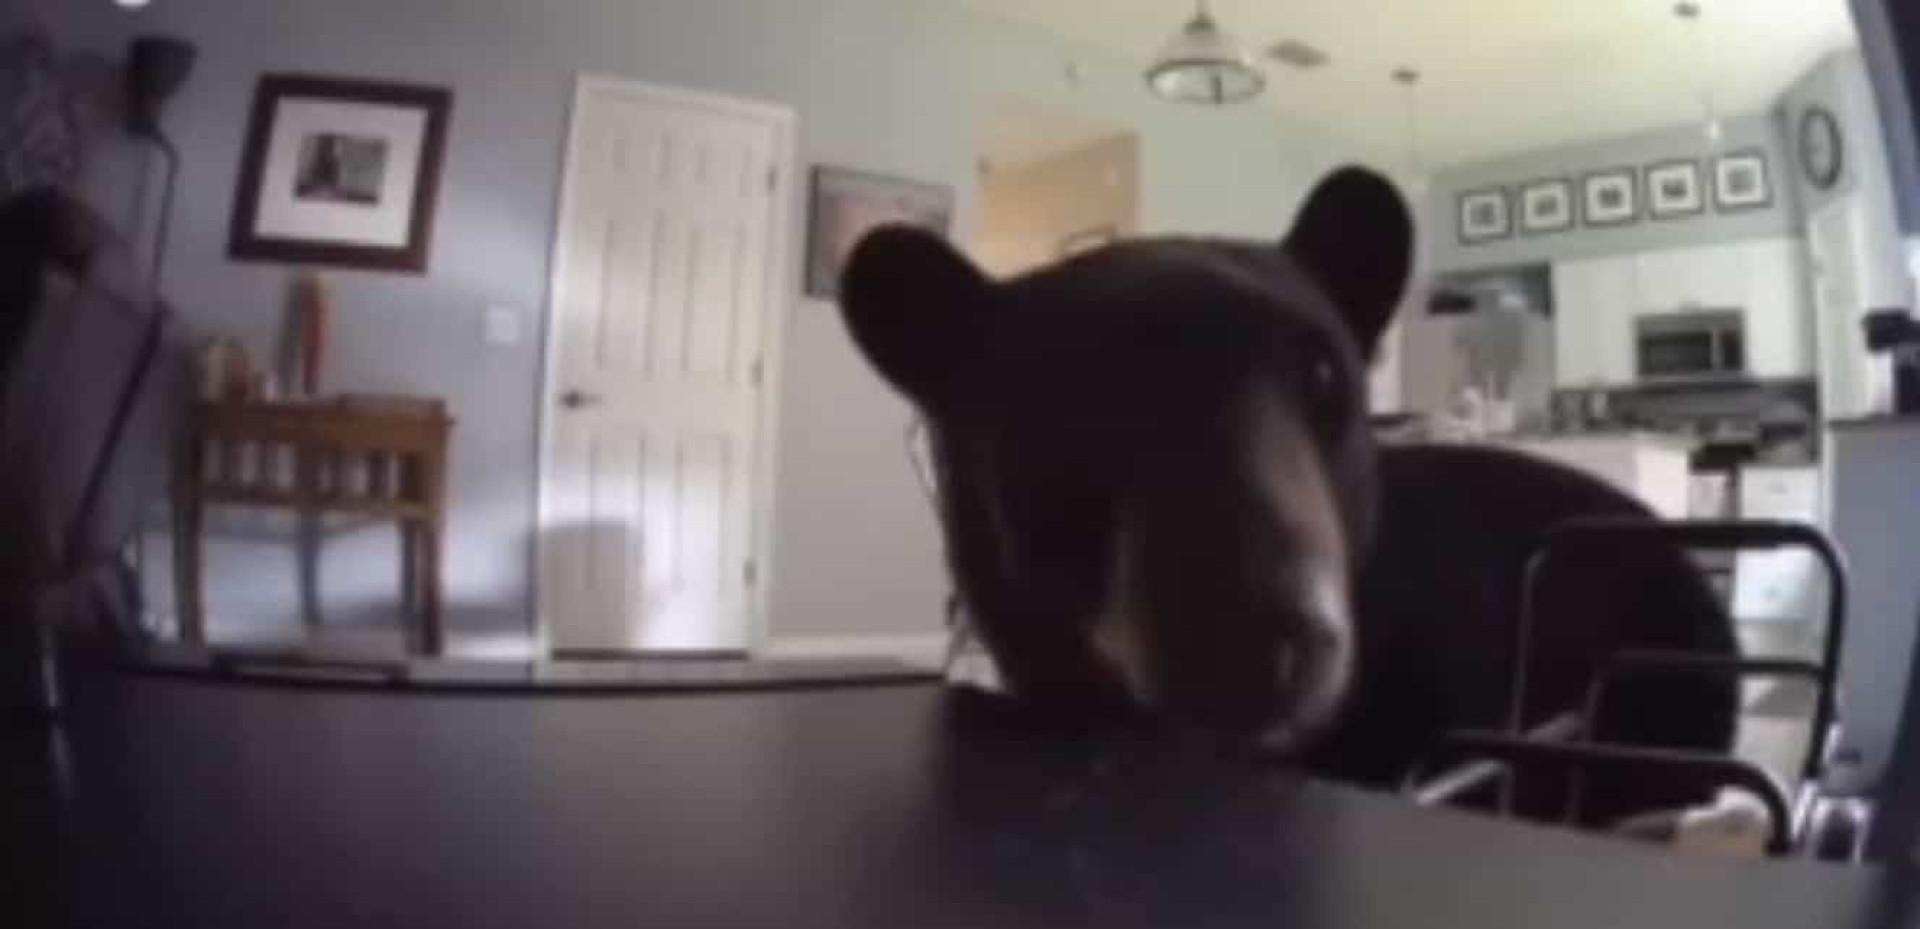 Momento em que urso entra numa casa na Florida por porta de correr